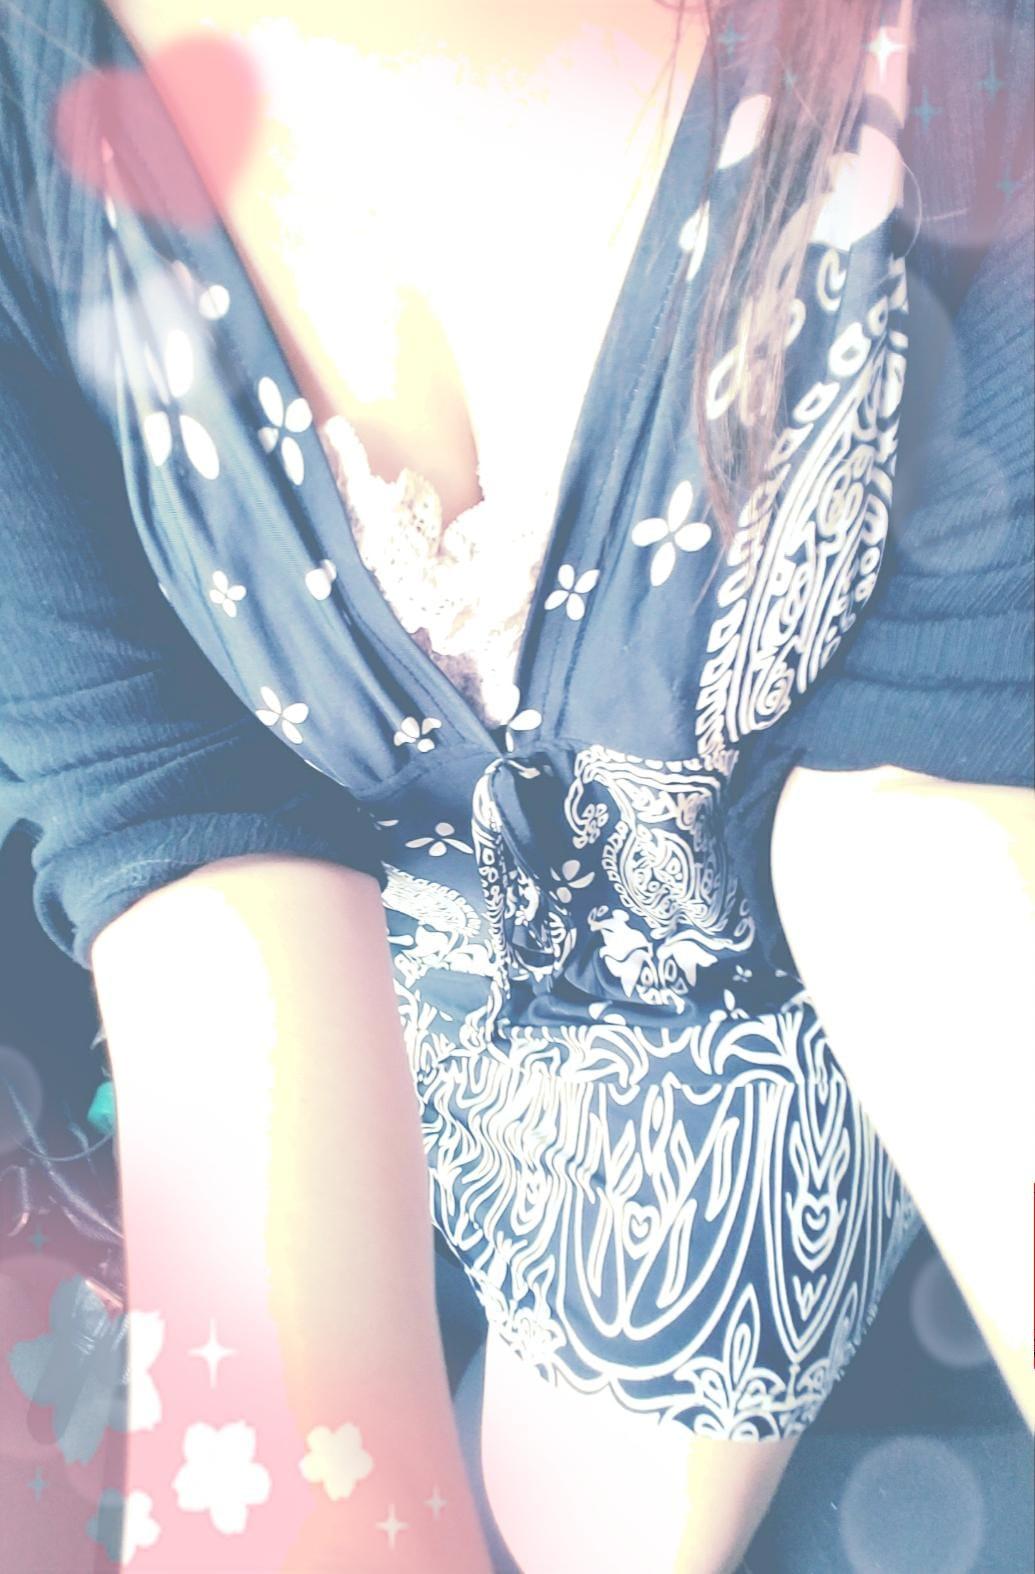 ゆずか☆淫乱ロリッ娘!「お礼♪」08/17(金) 01:35 | ゆずか☆淫乱ロリッ娘!の写メ・風俗動画